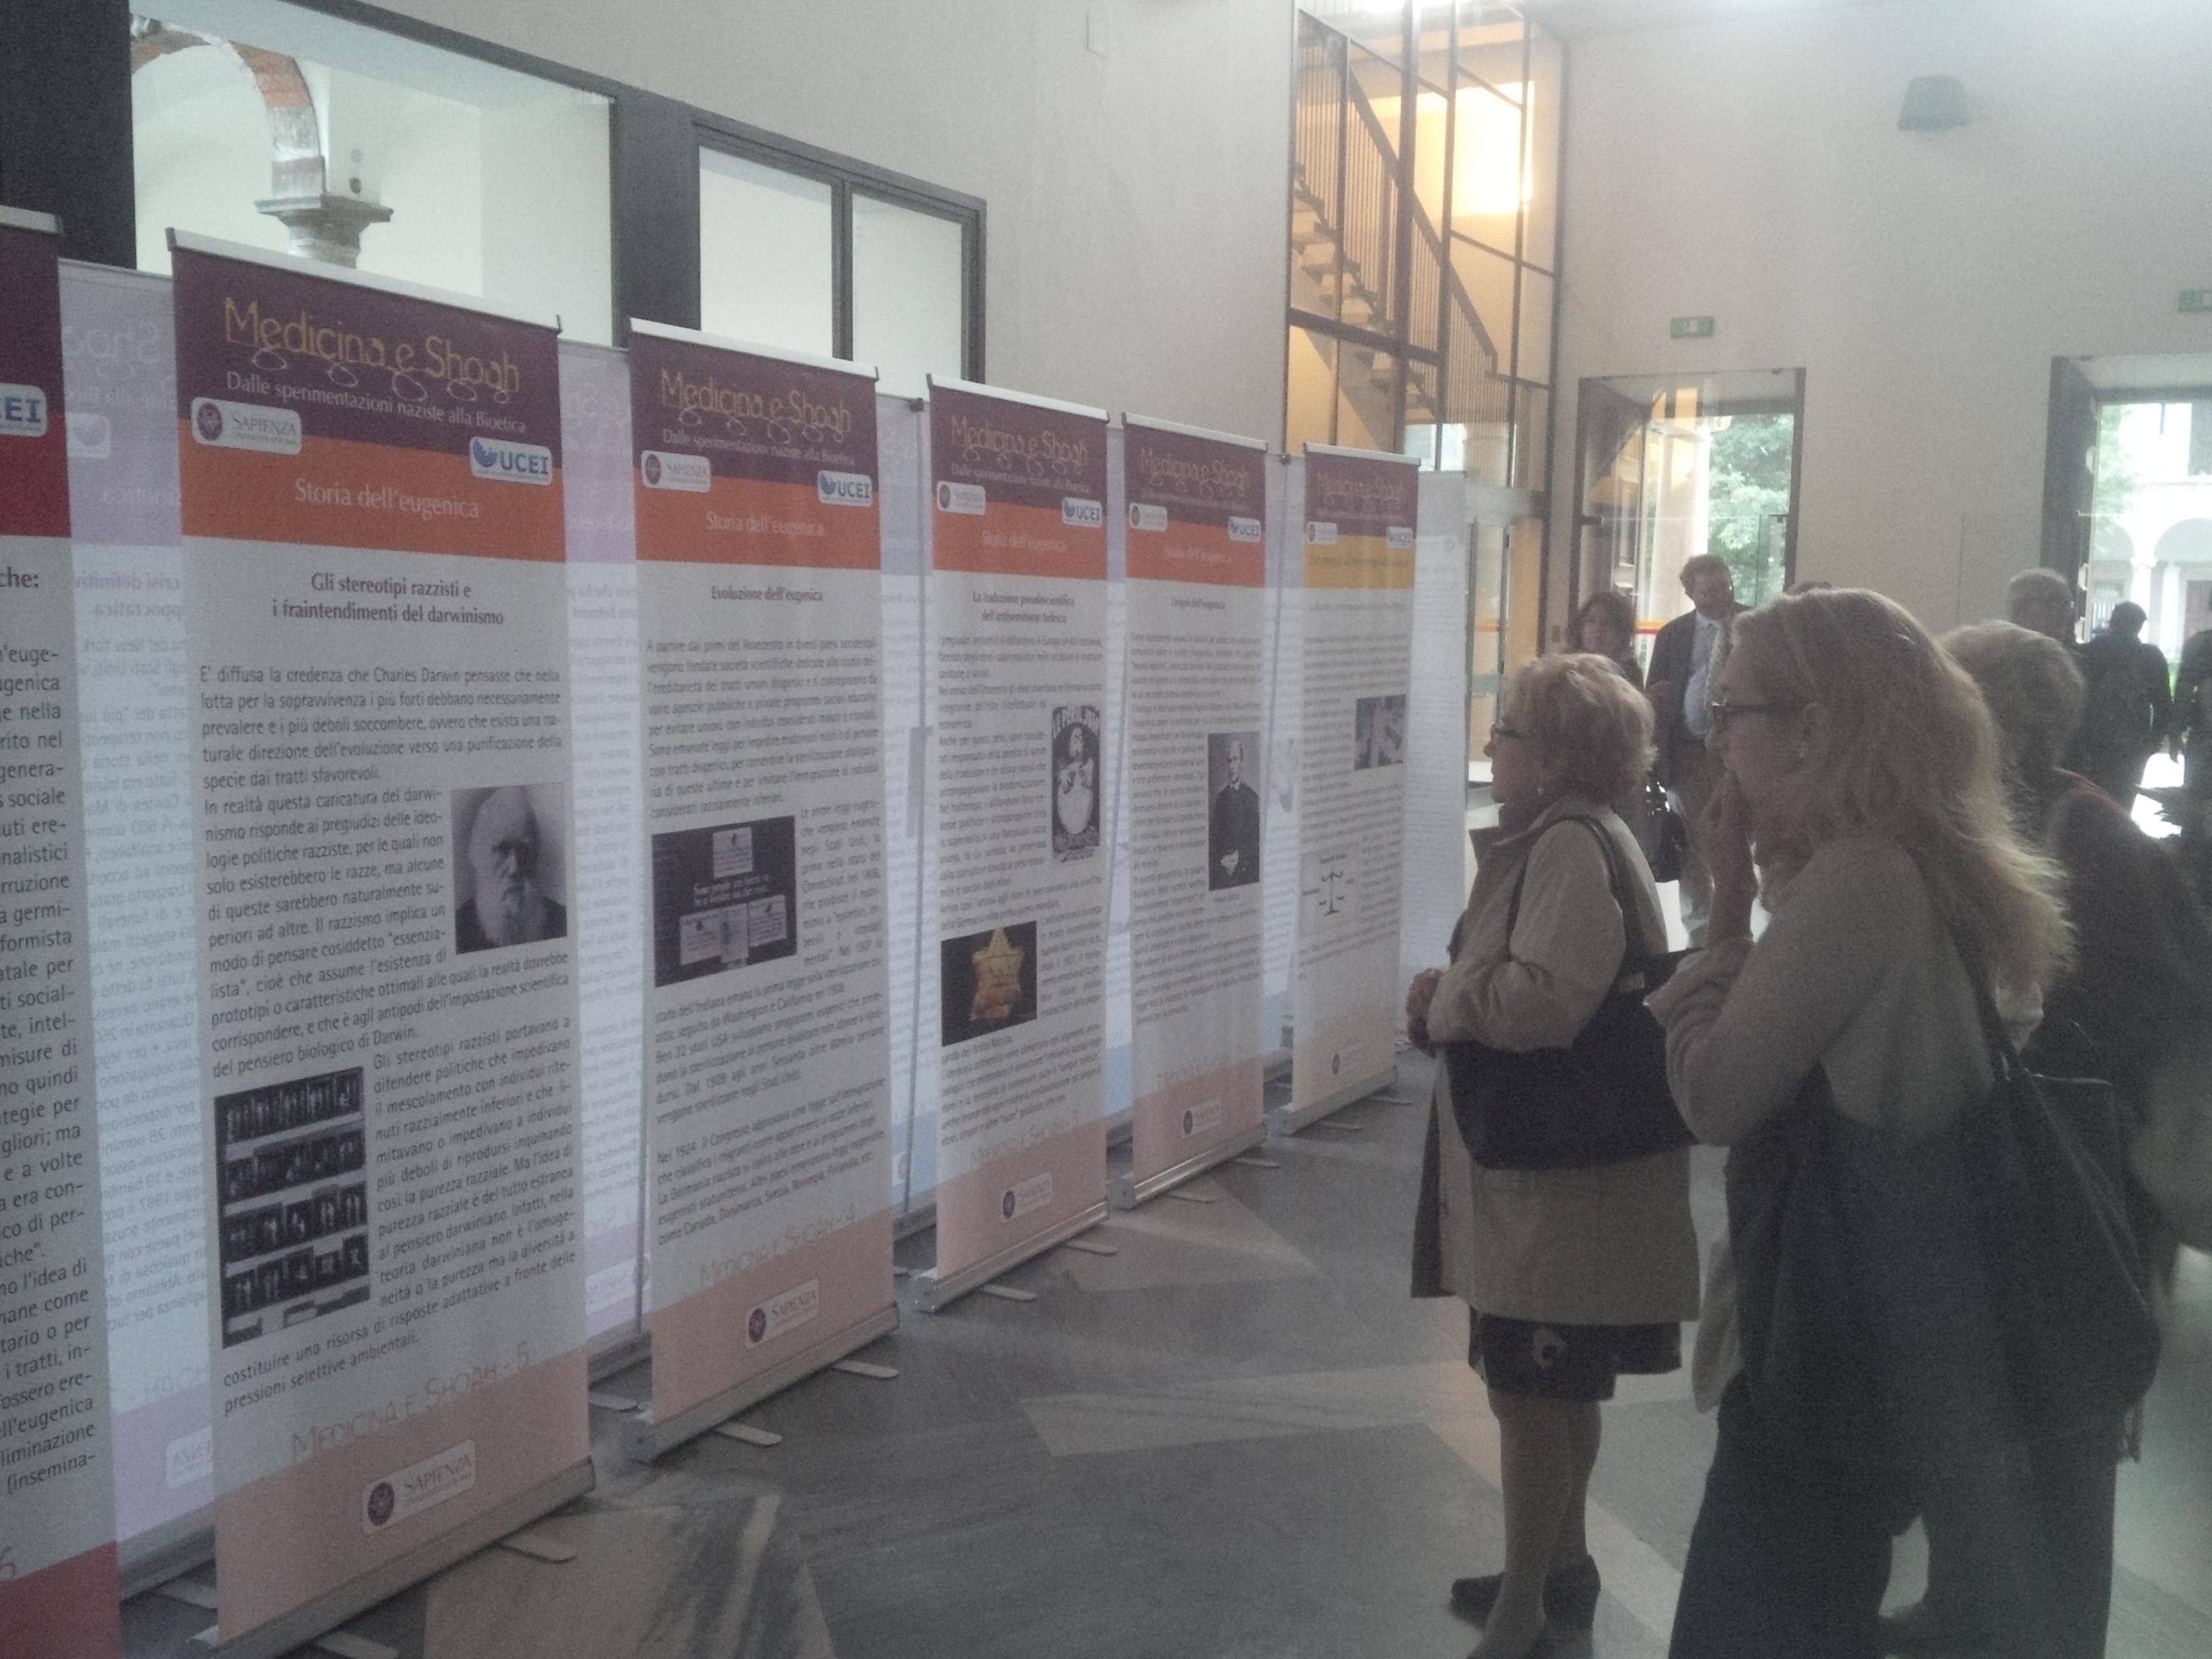 La Credenza Che La Realtà : Milano dalla shoah alletica medica parole e immagini per capire